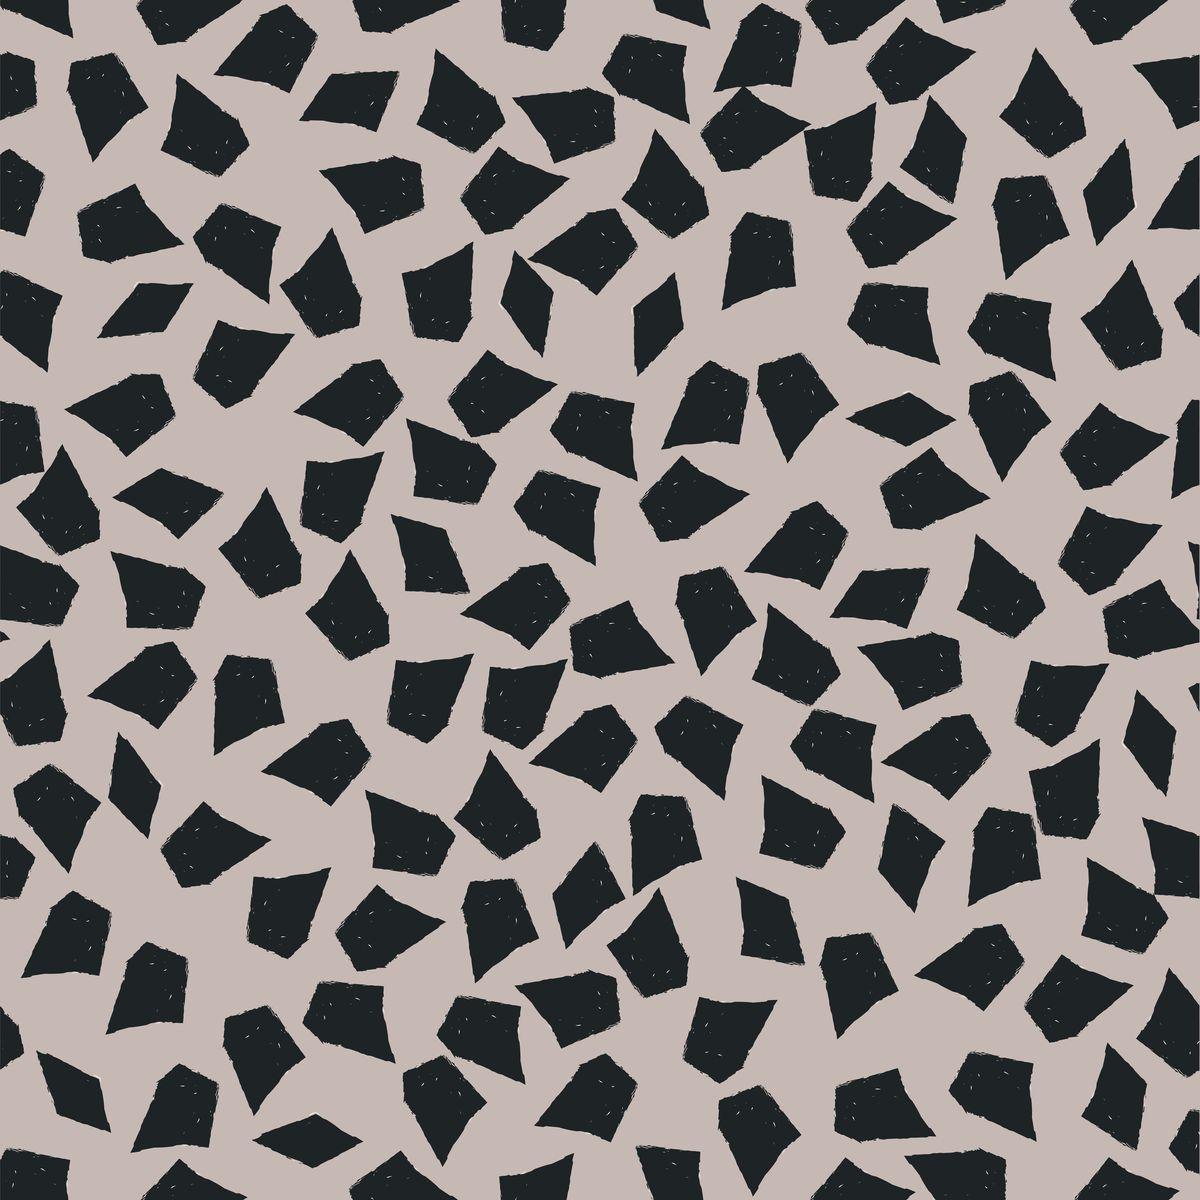 72edb8e2aba2258d2d40a470a2e34a32.jpg 1,200×1,200 pixels